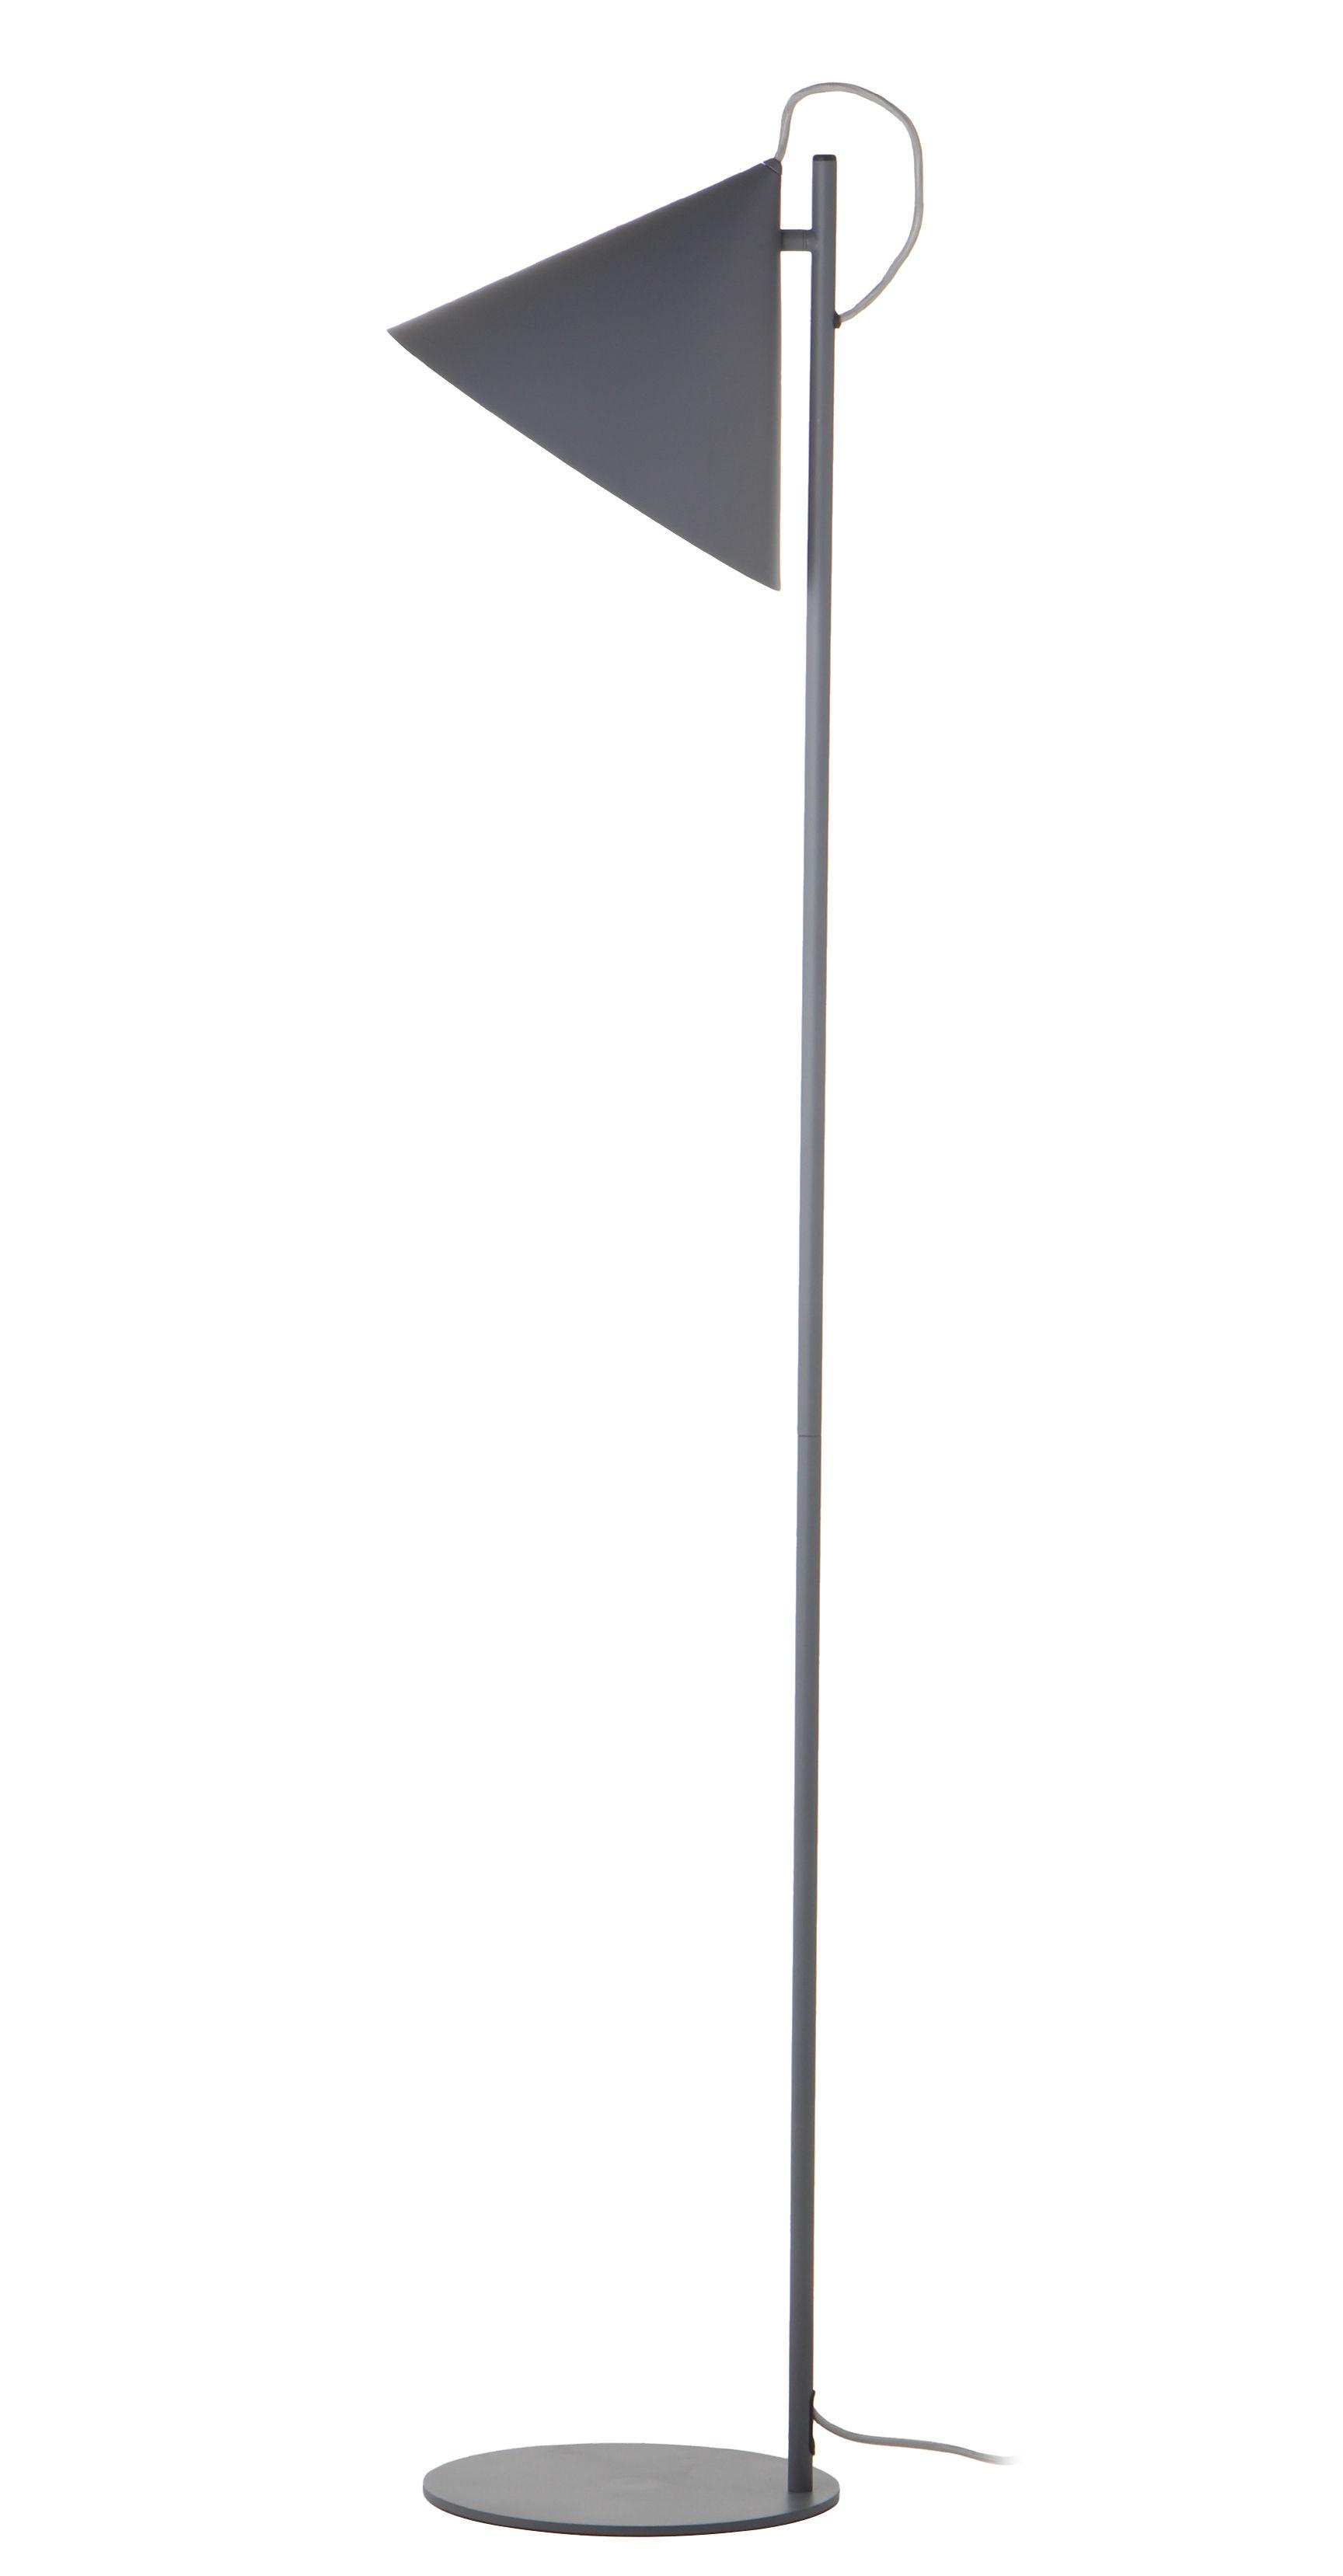 Illuminazione - Lampade da terra - Lampada a stelo Benjamin - / H 152 cm di Frandsen - Grigio opaco - metallo verniciato